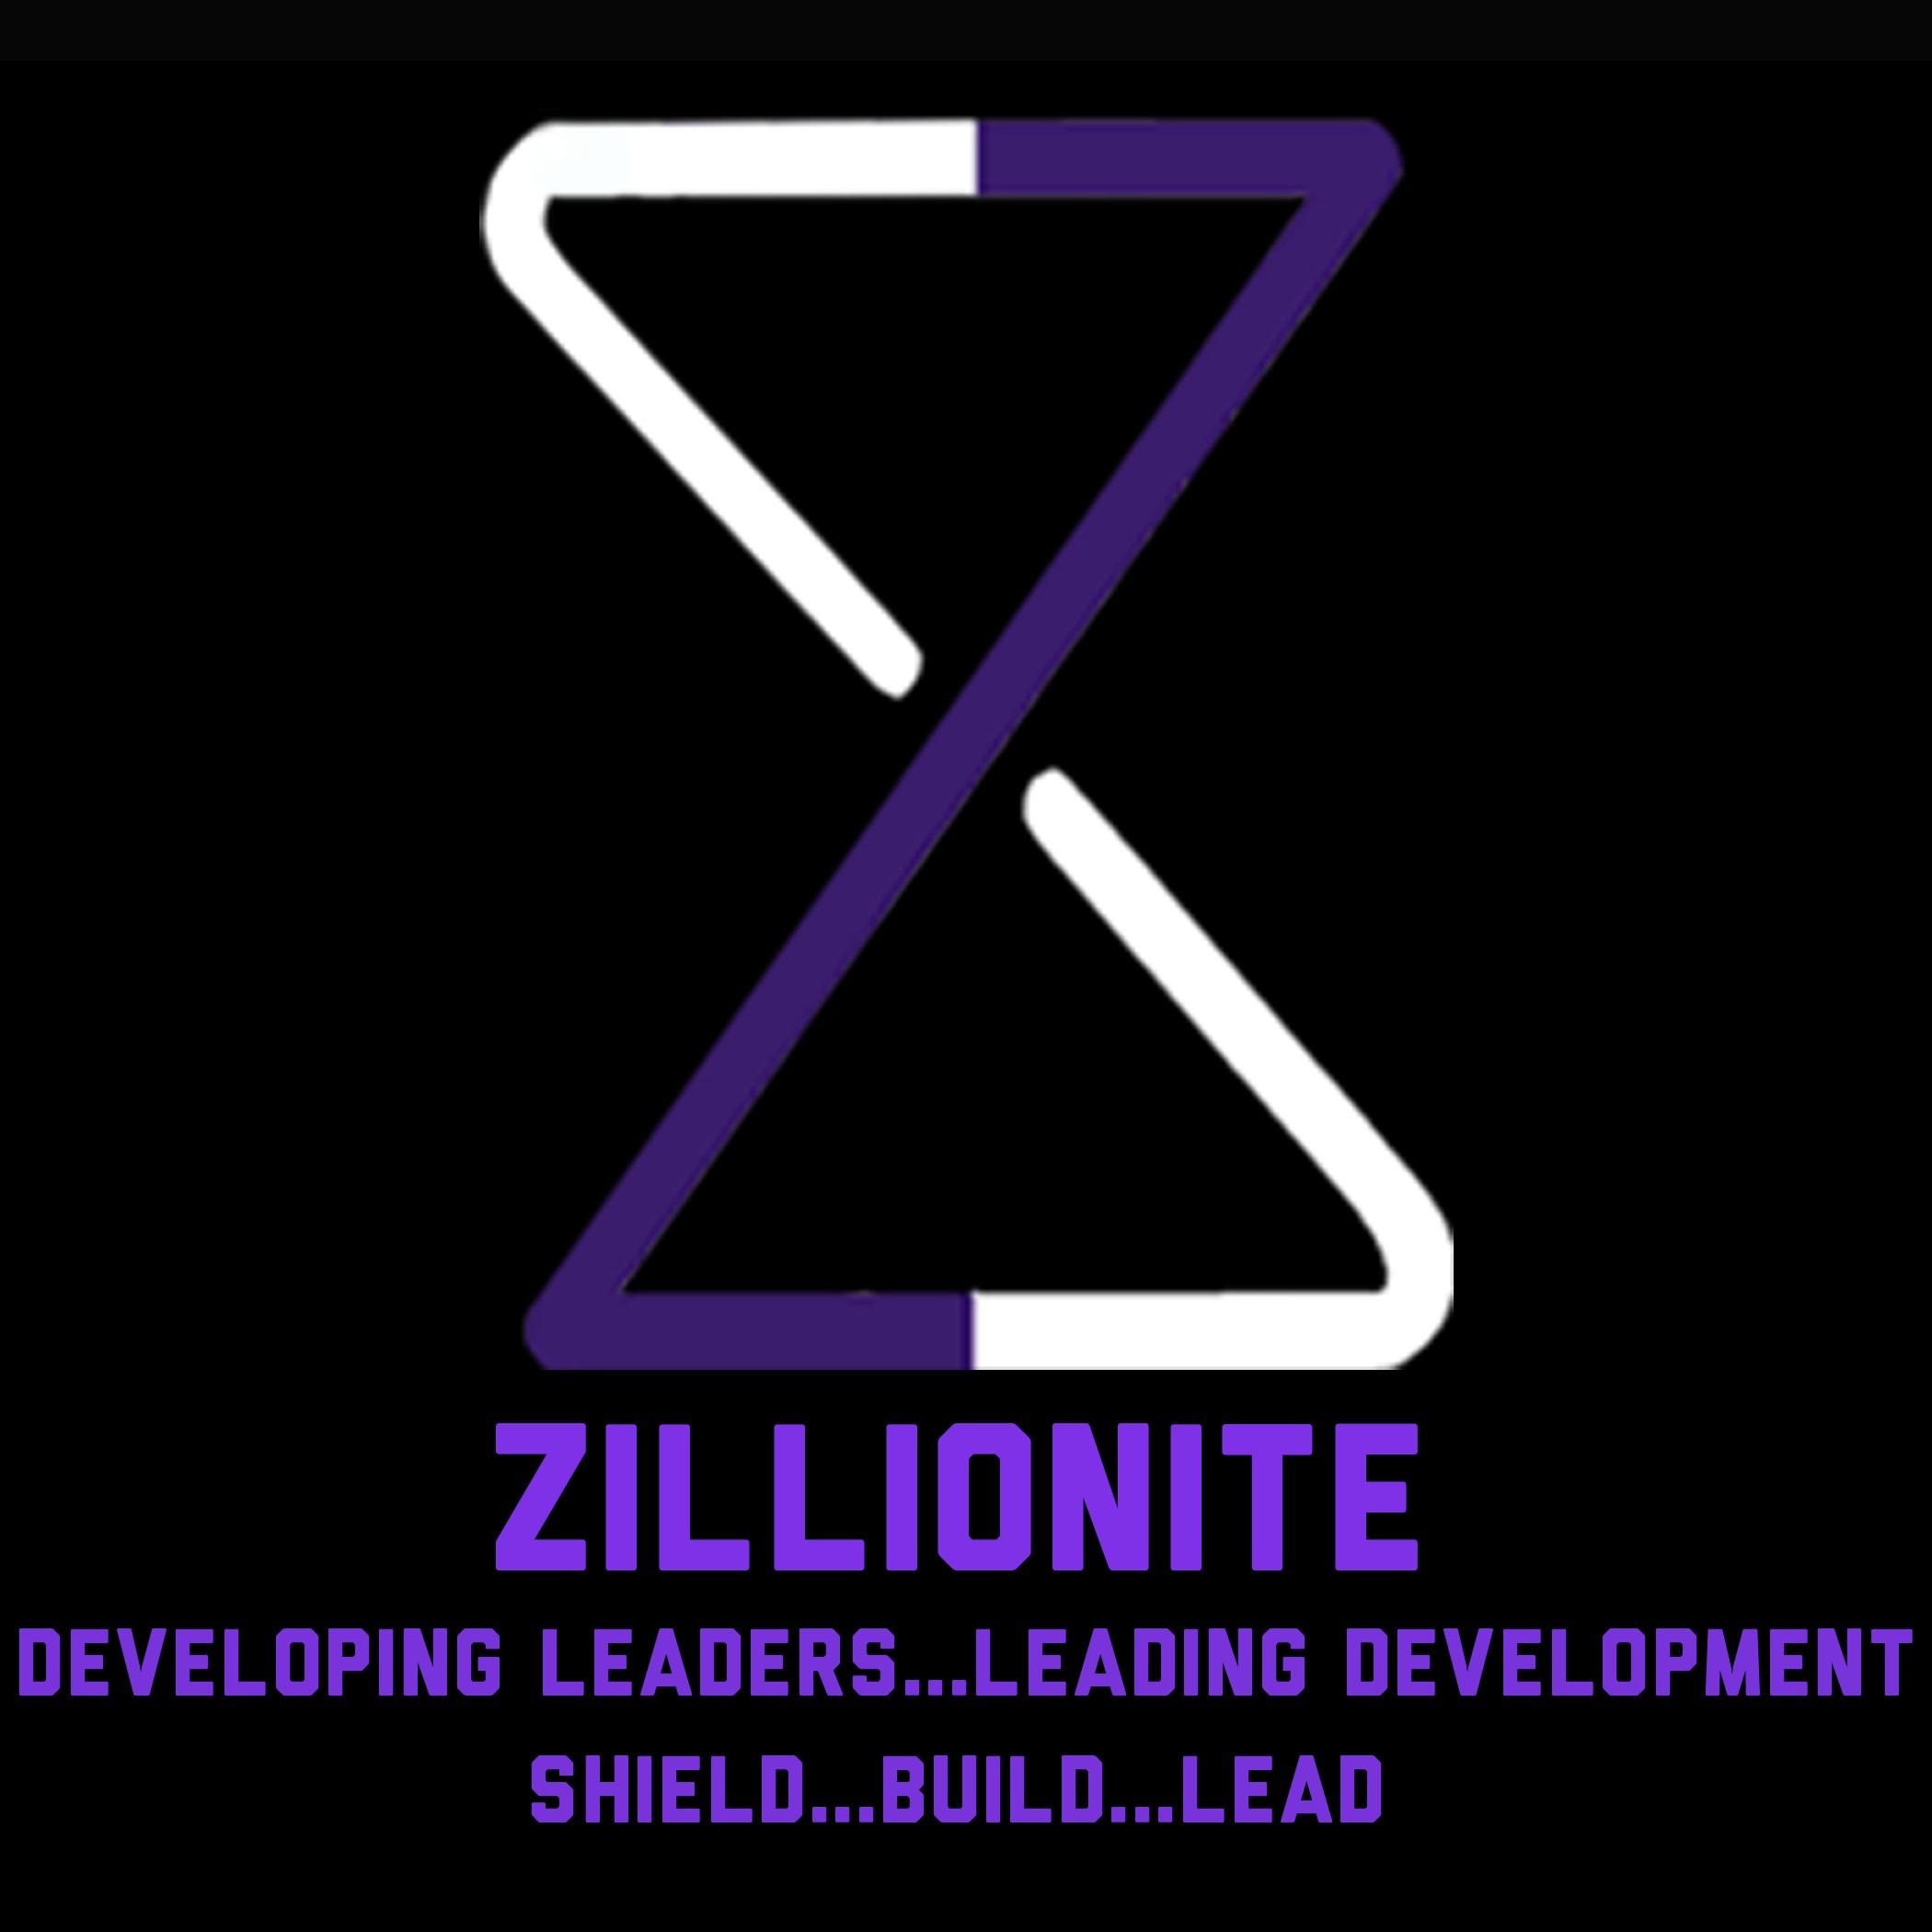 Zillionite